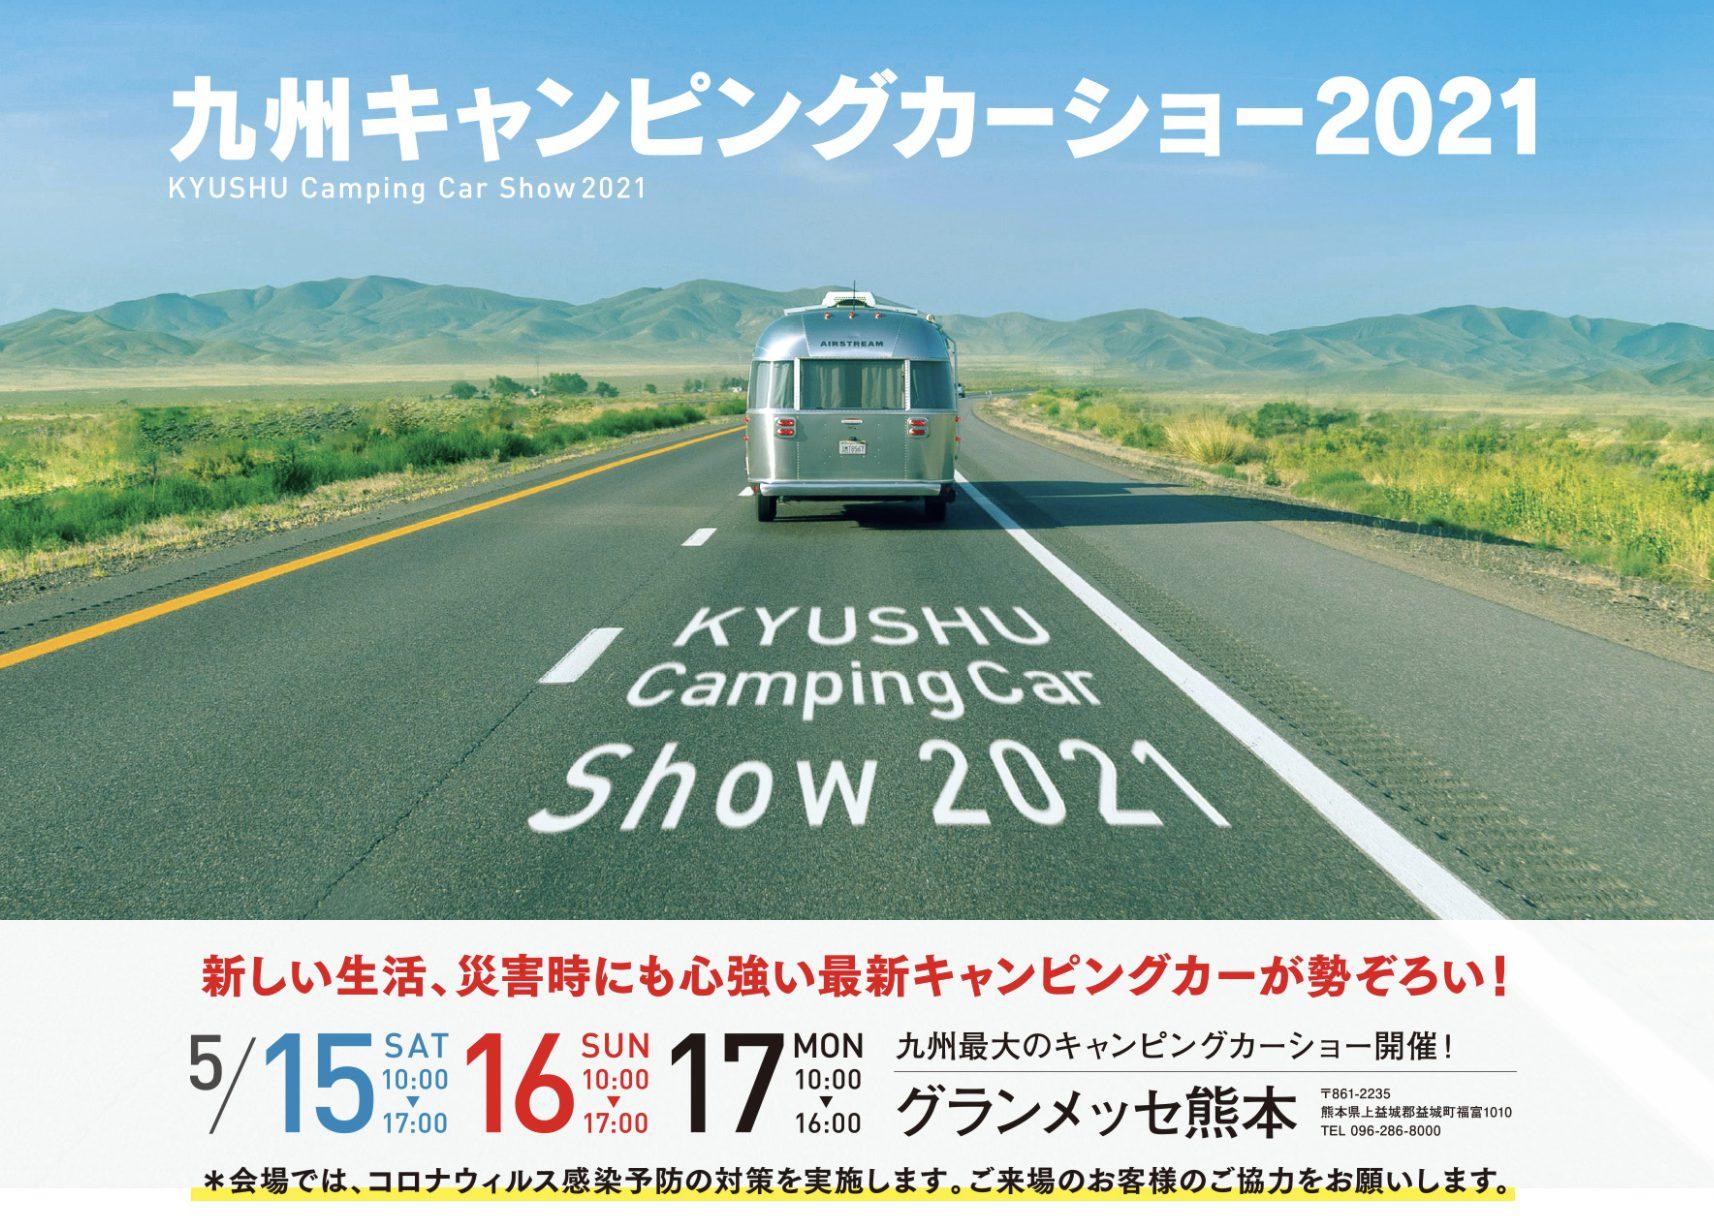 九州キャンピングカーショー2021に参加いたします!